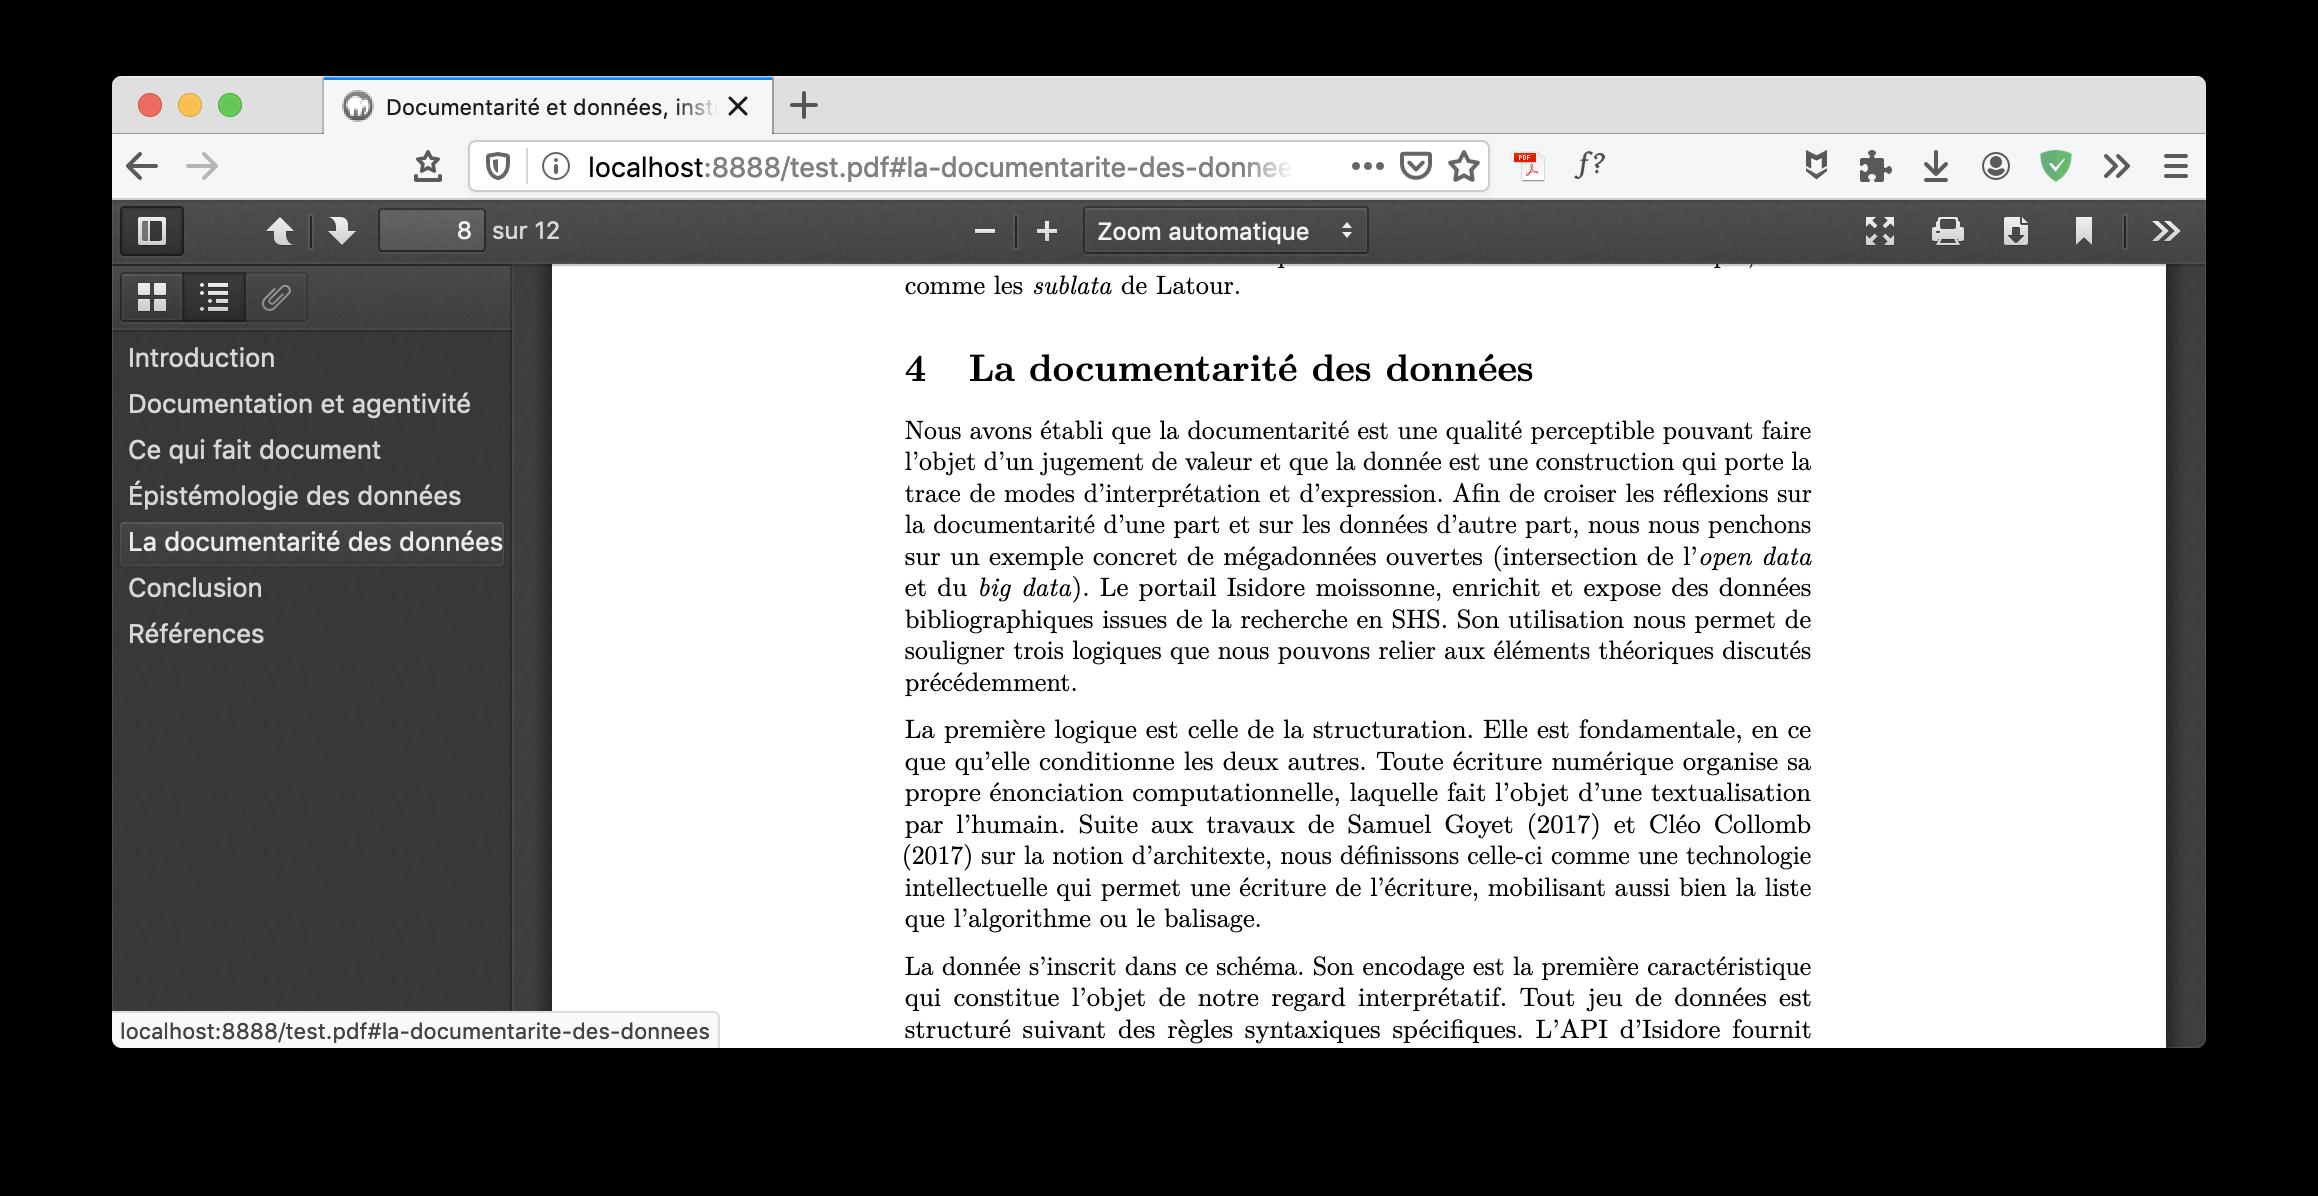 Exemple de fichier PDF ouvert directement à la bonne section via son URL. Le fichier source, utilisé notamment sur ce site, n'a pas eu besoin d'être modifié.